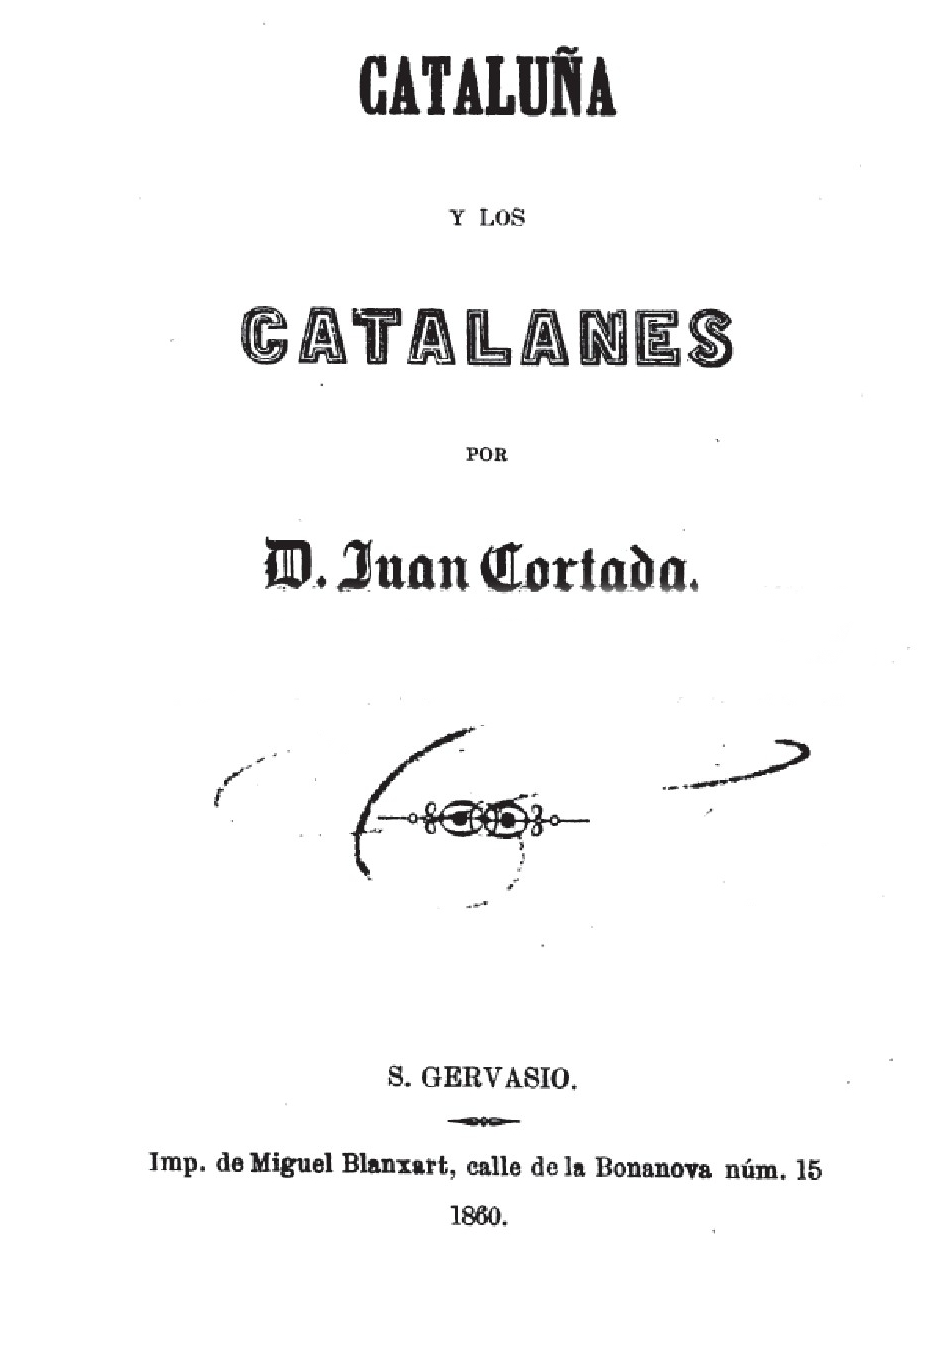 CATALUÑA Y LOS CATALANES POR D.JUAN CORTADA. AÑO 1860-BARCELONA